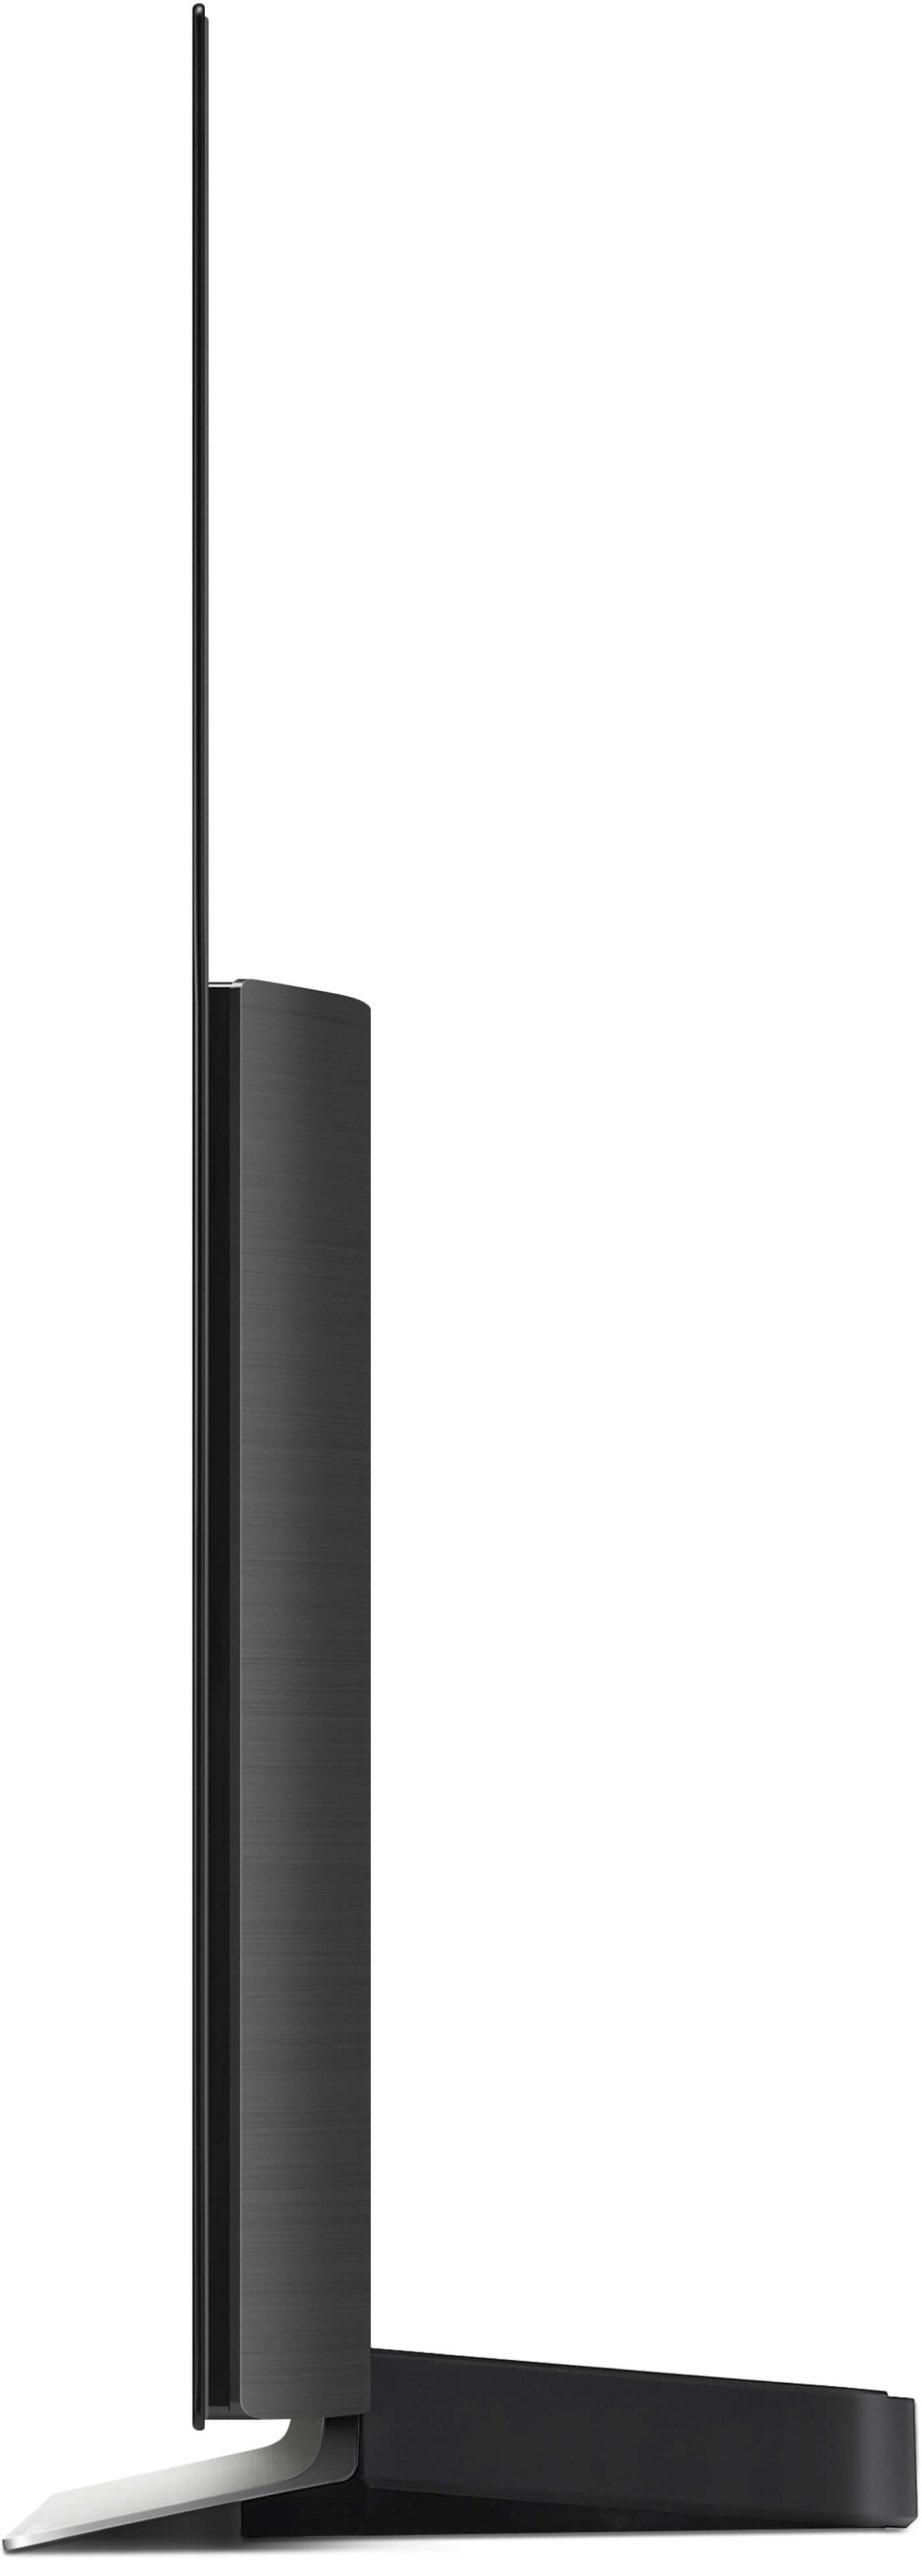 LG OLED 48CX8LC